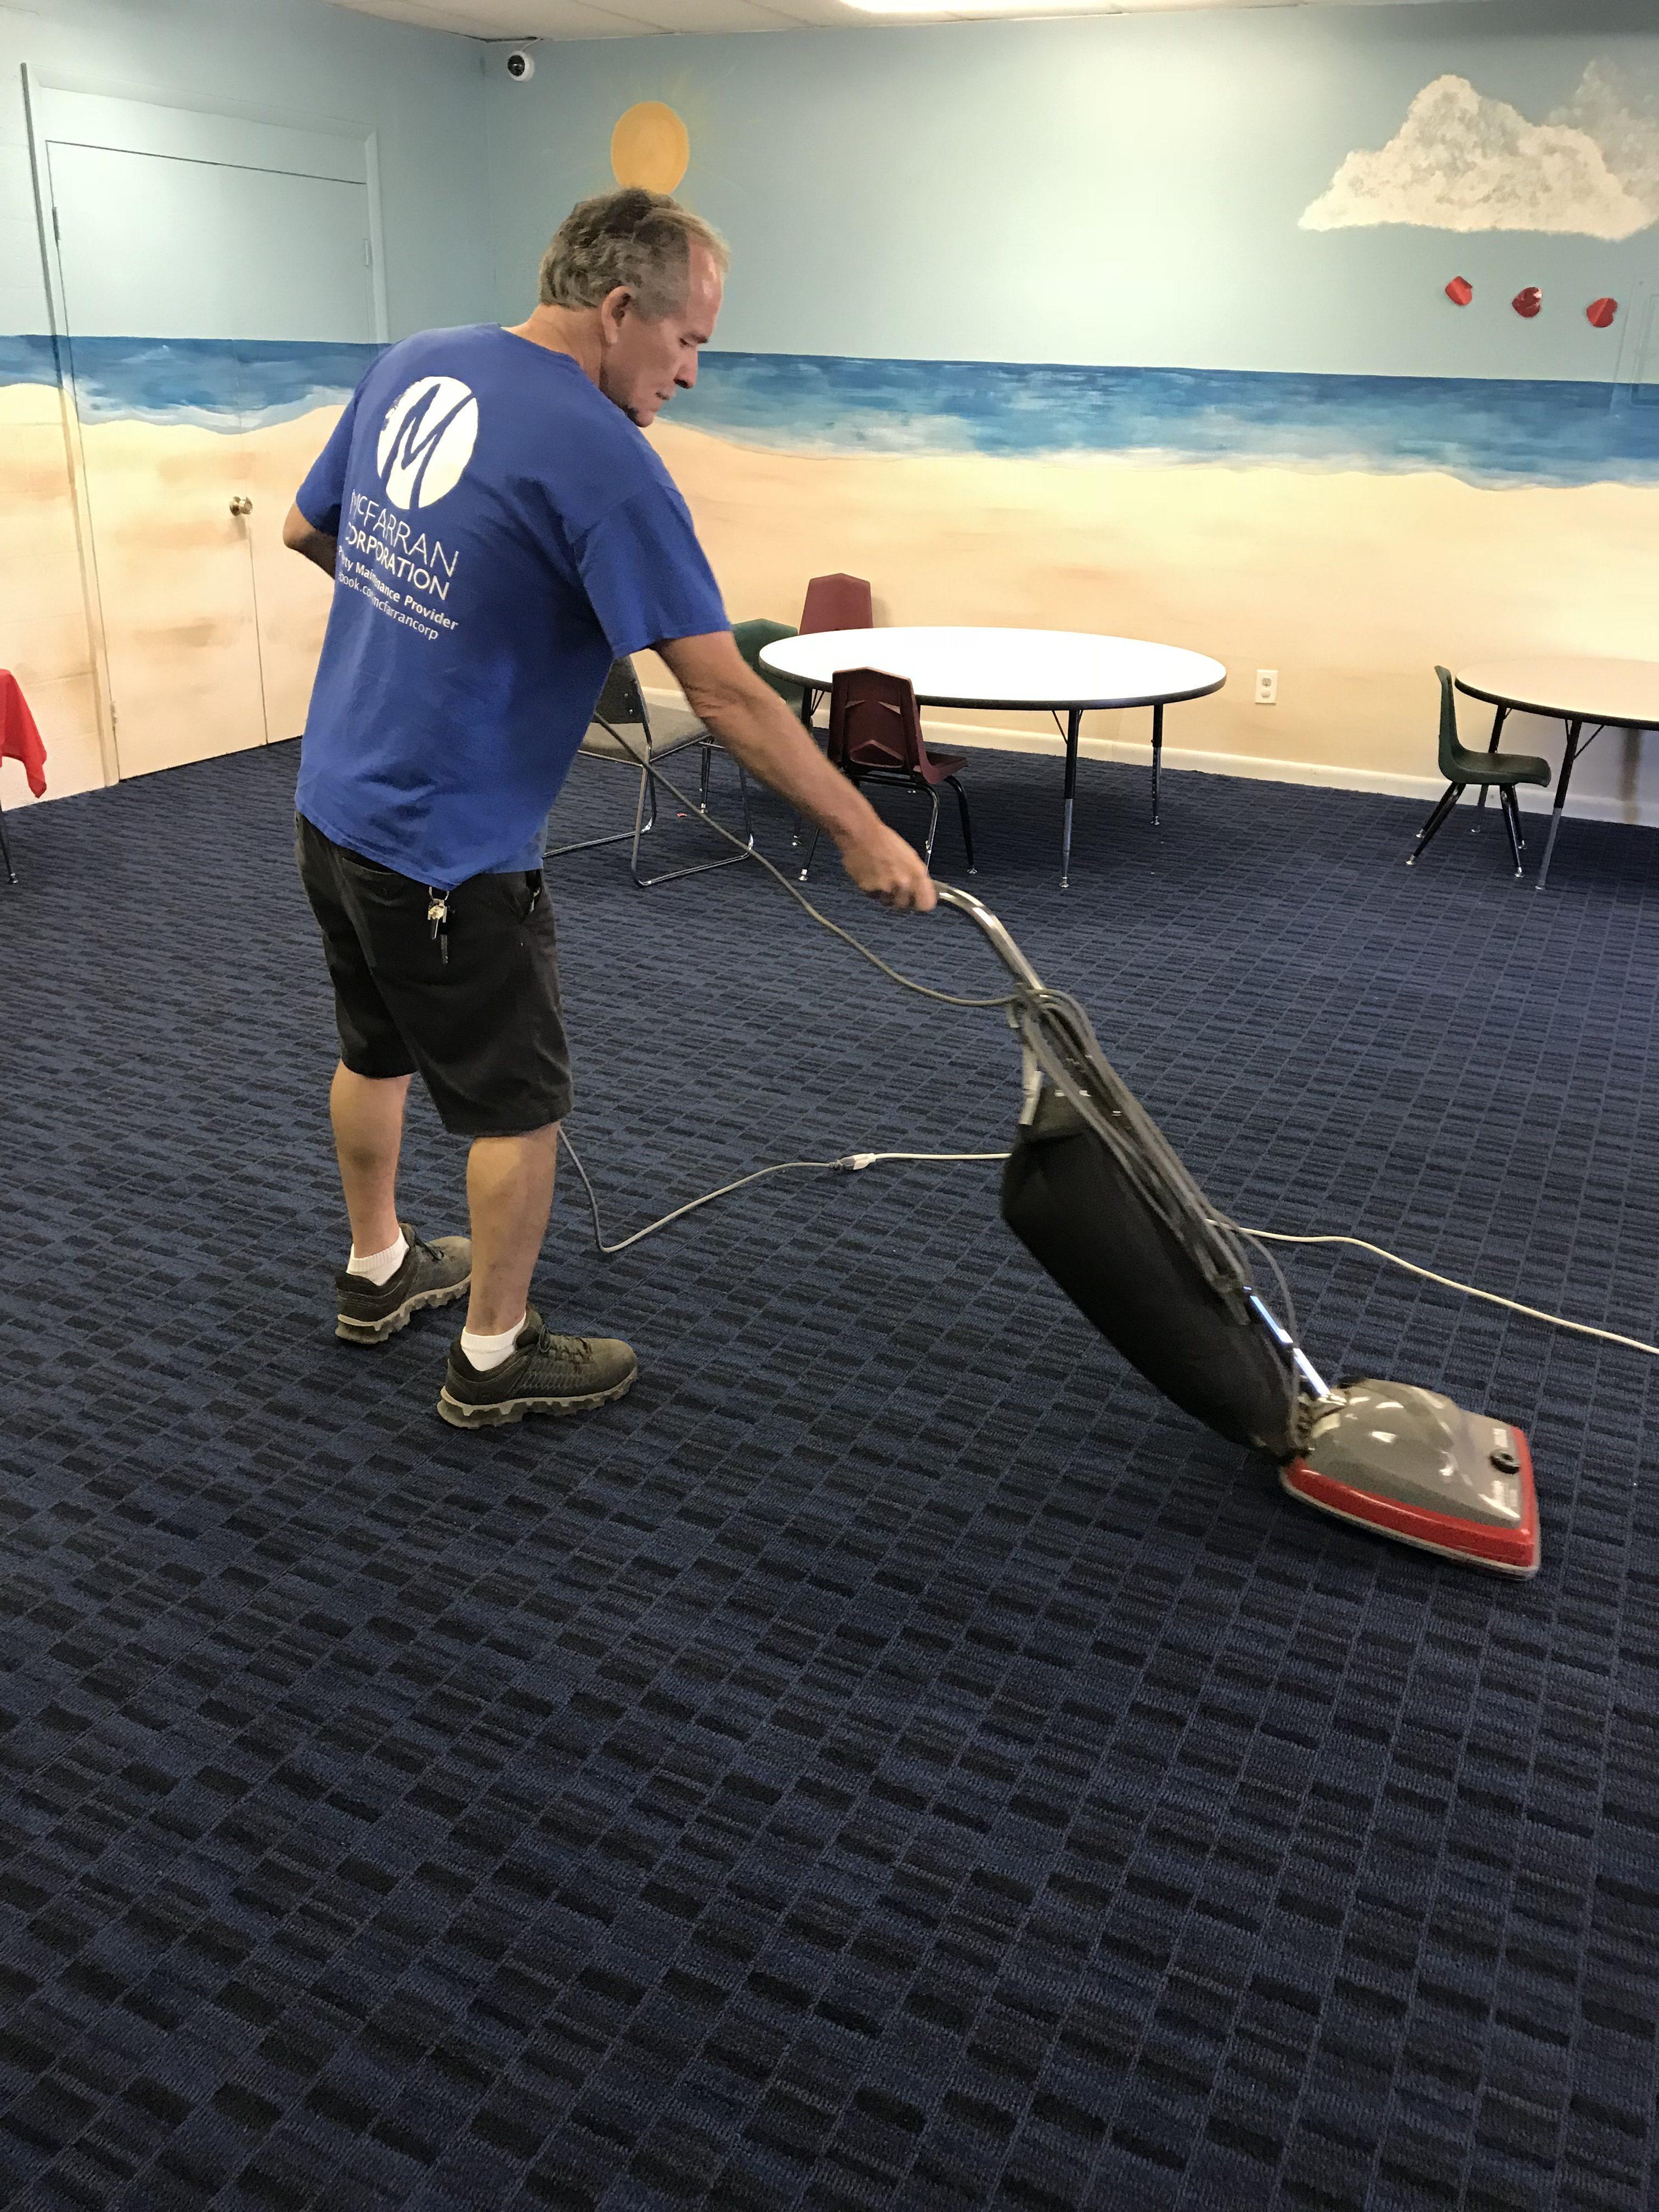 McFarran School Janitor Vacuuming Classroom Floor